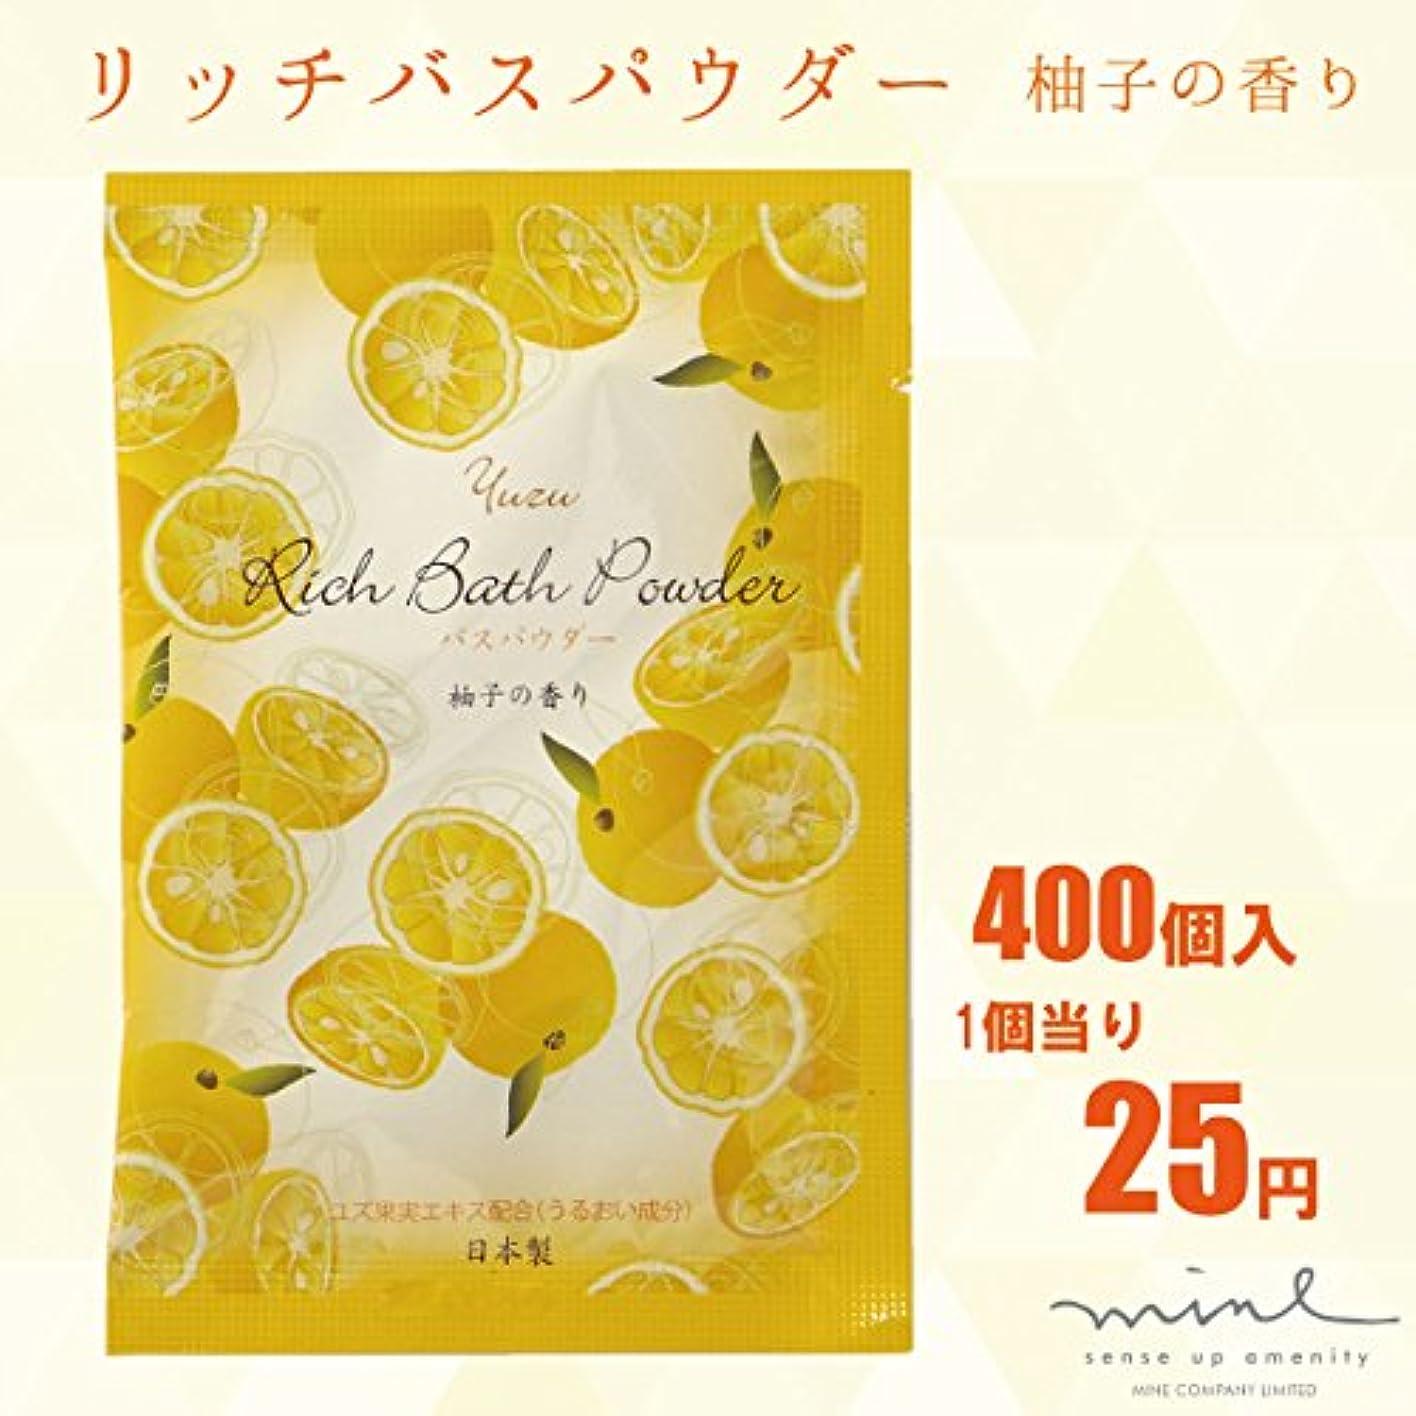 アート永久にインテリアリッチバスパウダー20g 柚子の香り × 400個